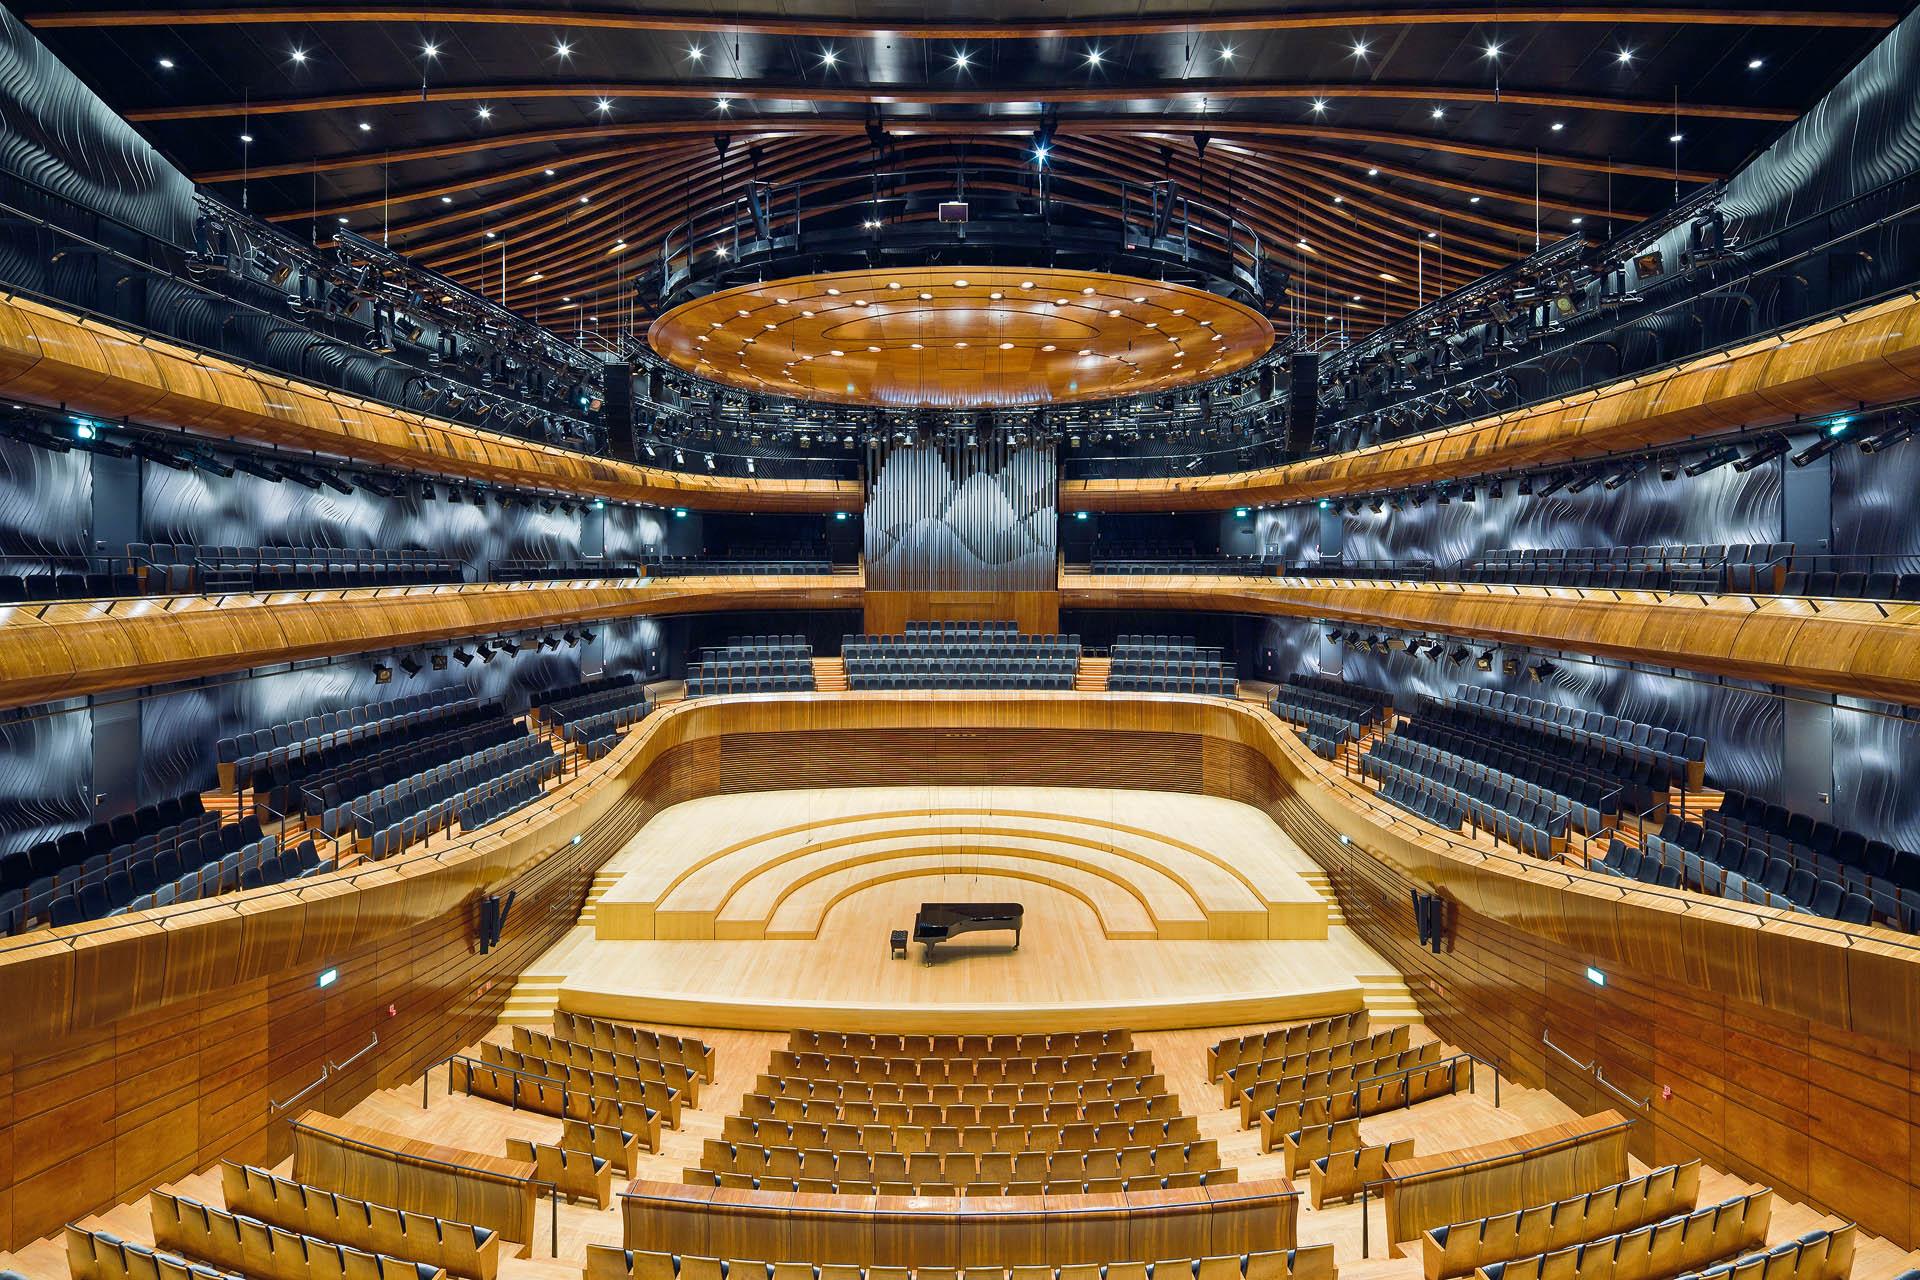 wielka sala koncertowa mieści się wsamym sercu NOSPR-u, to swego rodzaju budynek wbudynku fot.: Daniel Rumiancew © Konior Studio